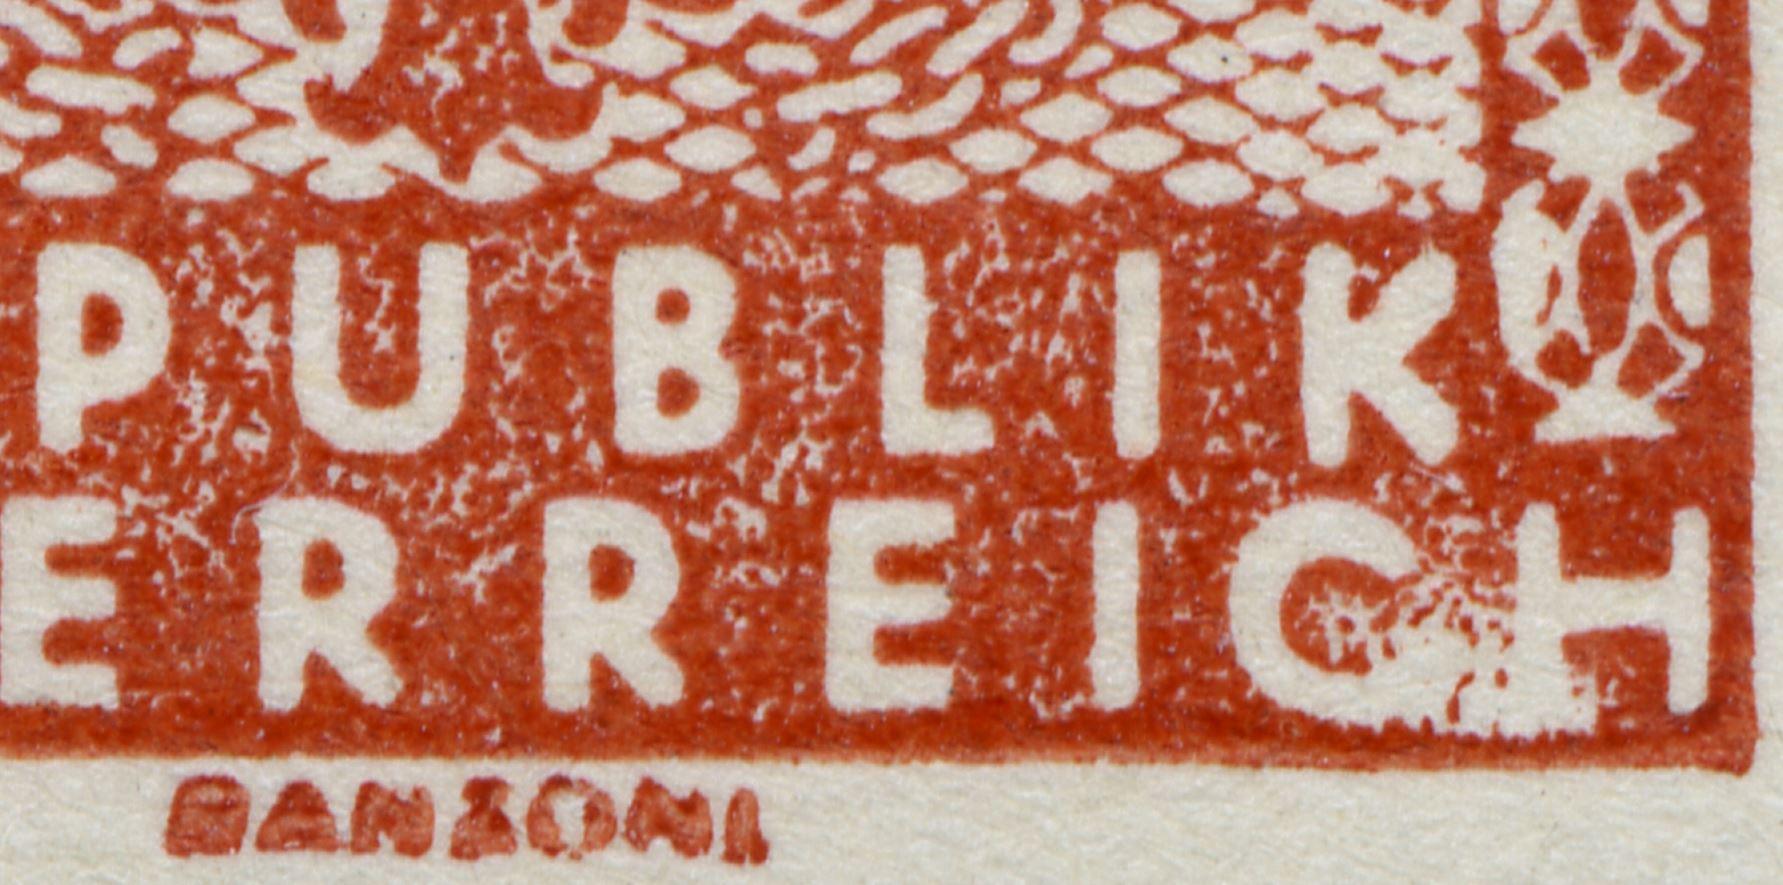 1945 Wappenzeichnung - Seite 4 At_1945_wappen_8_metall_gummi_13